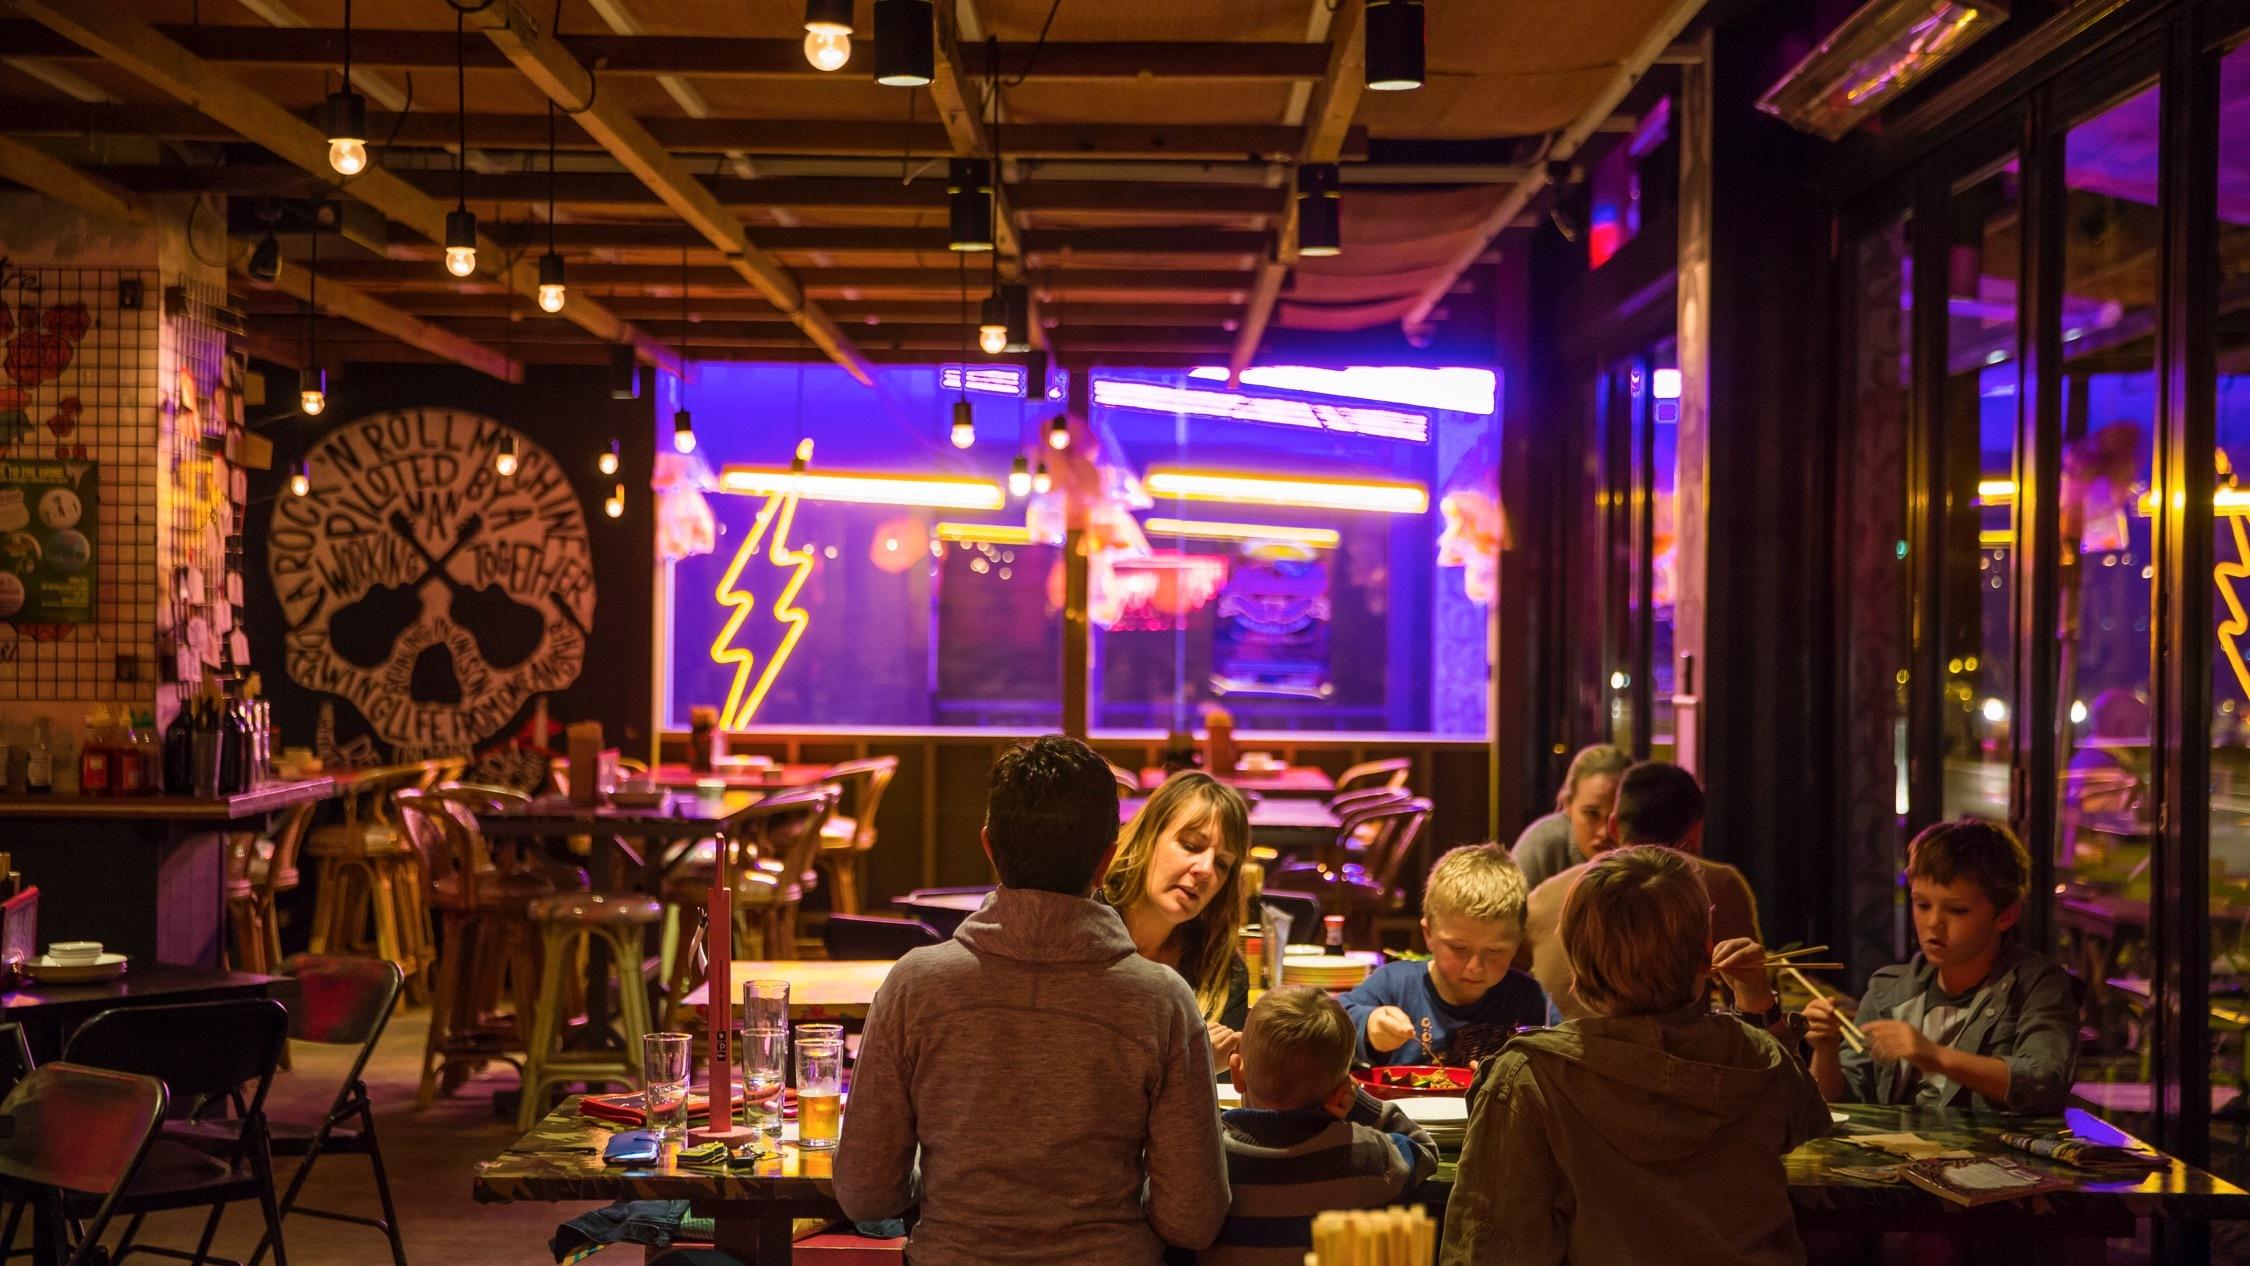 Customers eating inside at Daniel San